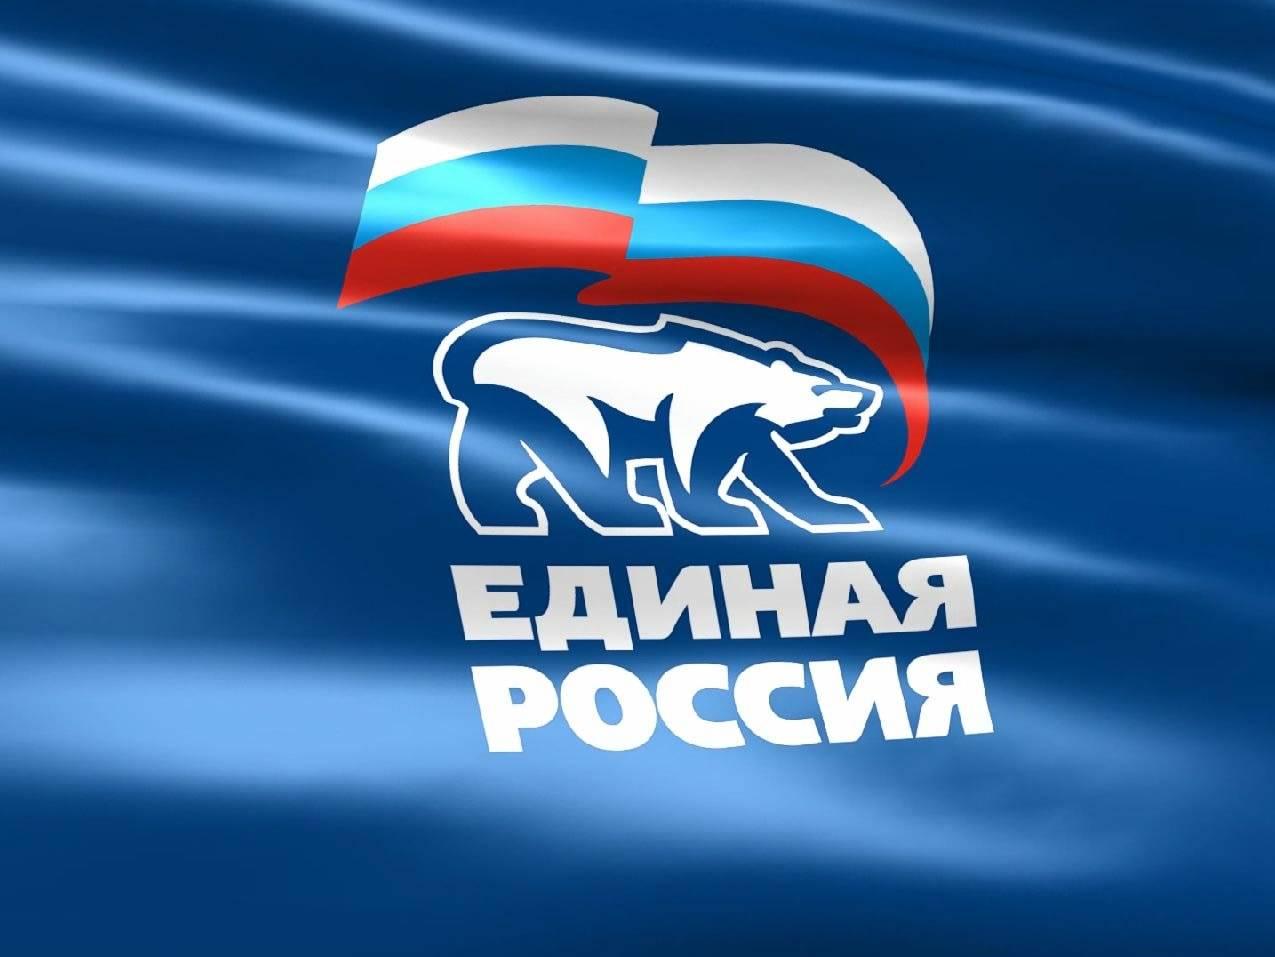 «Единая Россия» получит почти 80% мандатов по итогам выборов в Тверской области